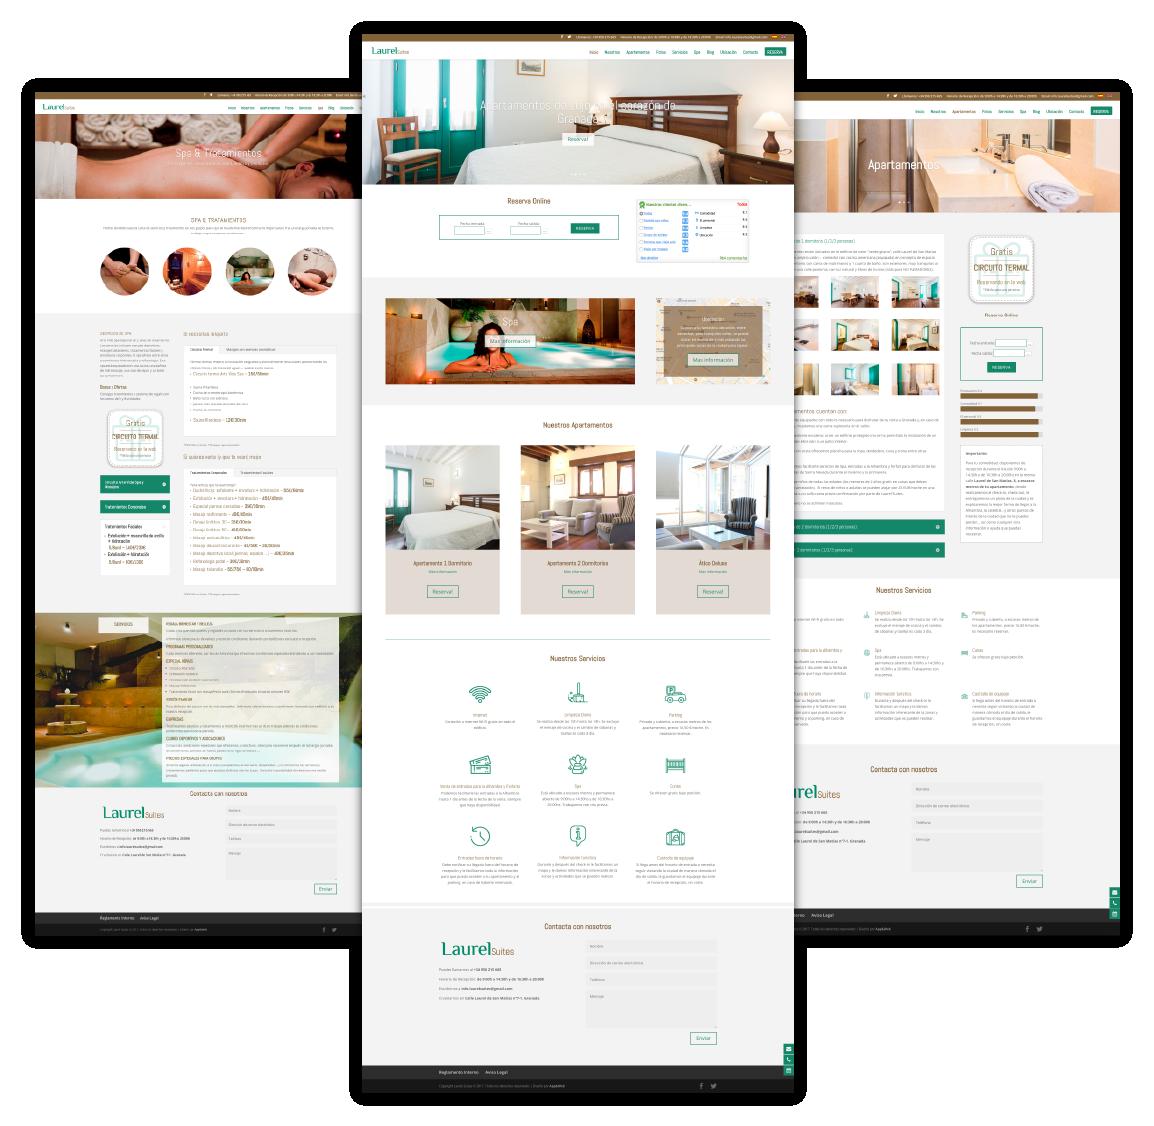 Página web de Laurel Suites, uno de los proyectos destacados de App&Web